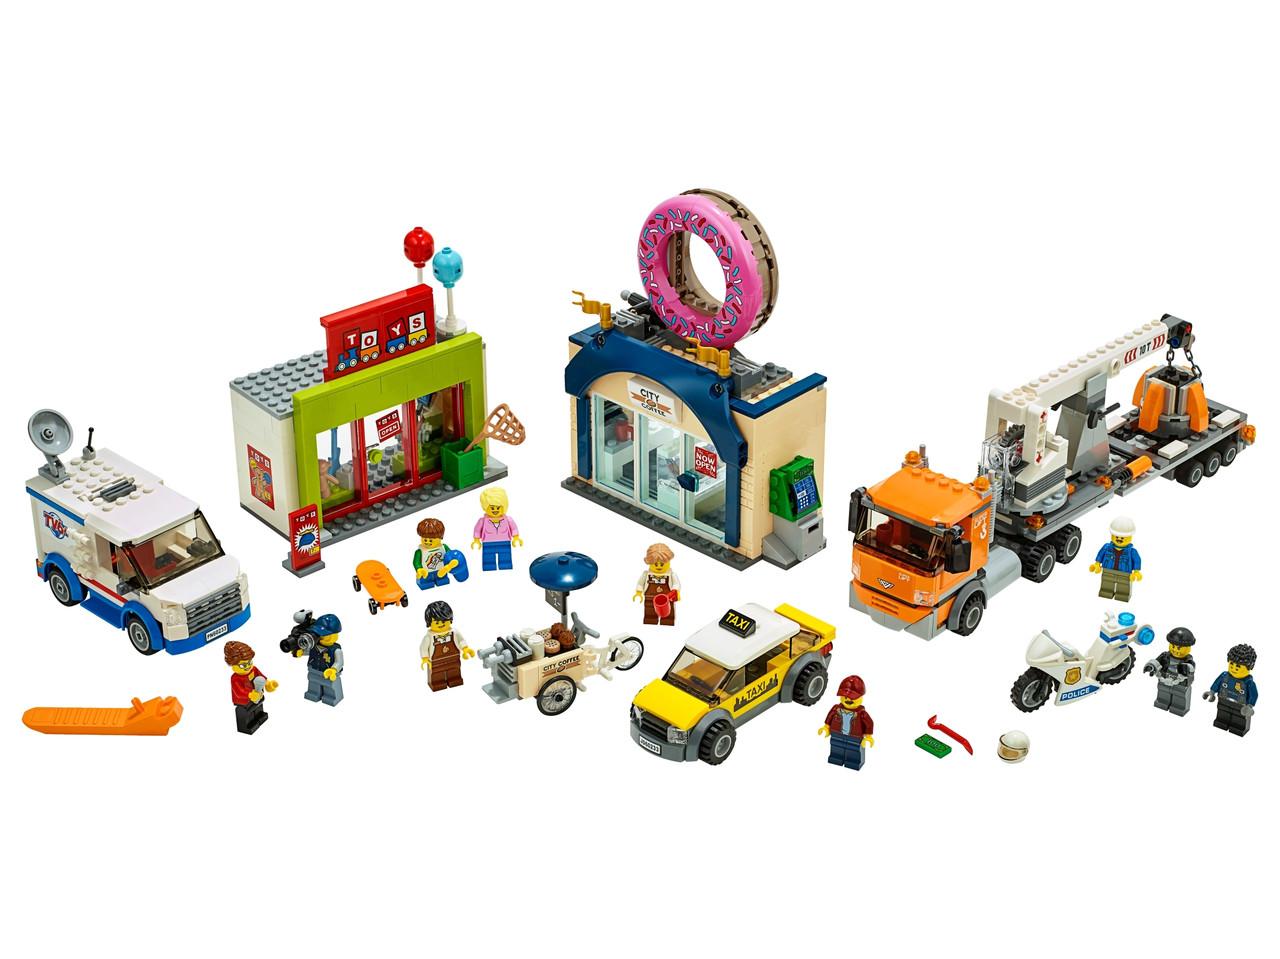 Конструктор LEGO Открытие магазина по продаже пончиков 790 деталей (60233)